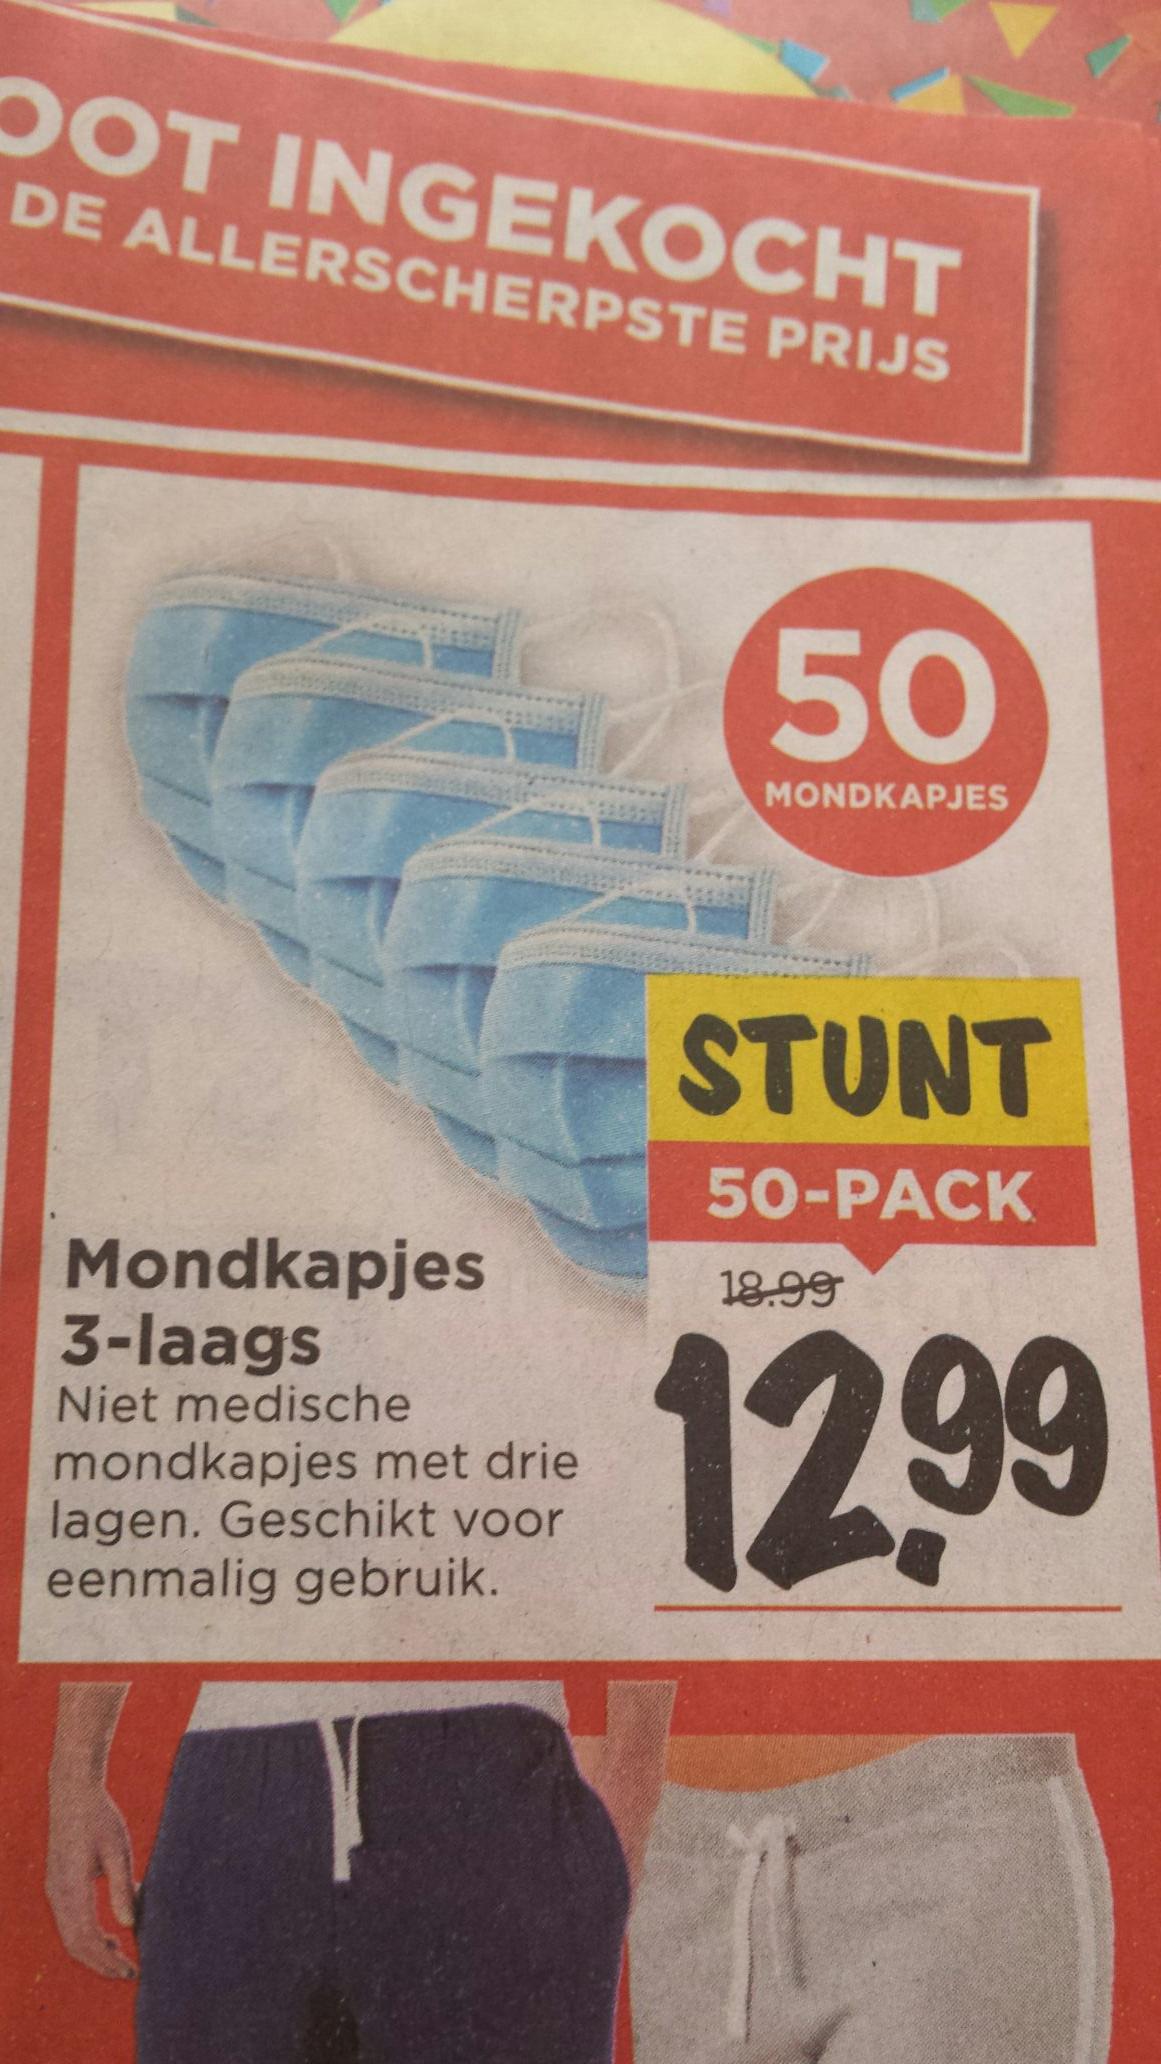 Mondkapjes (niet medisch) 50 stuks 3 laags bij supermarkt Vomar vanaf zondag 12 juli 2020 in de weekaanbieding zonder te bestellen!